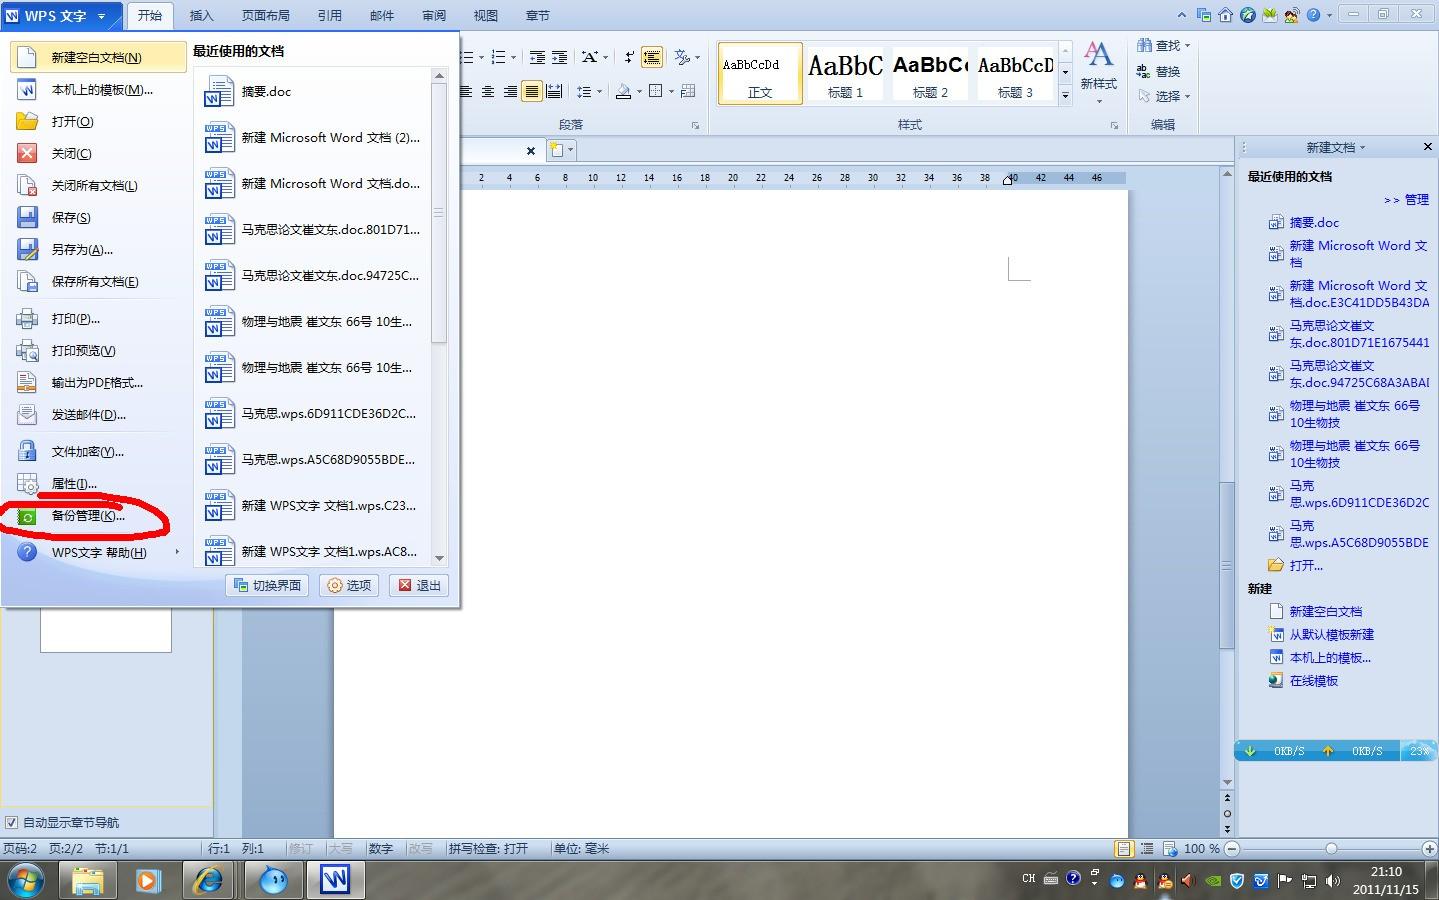 WPS中我建的文档总是保存不了,按保存没有任何反应